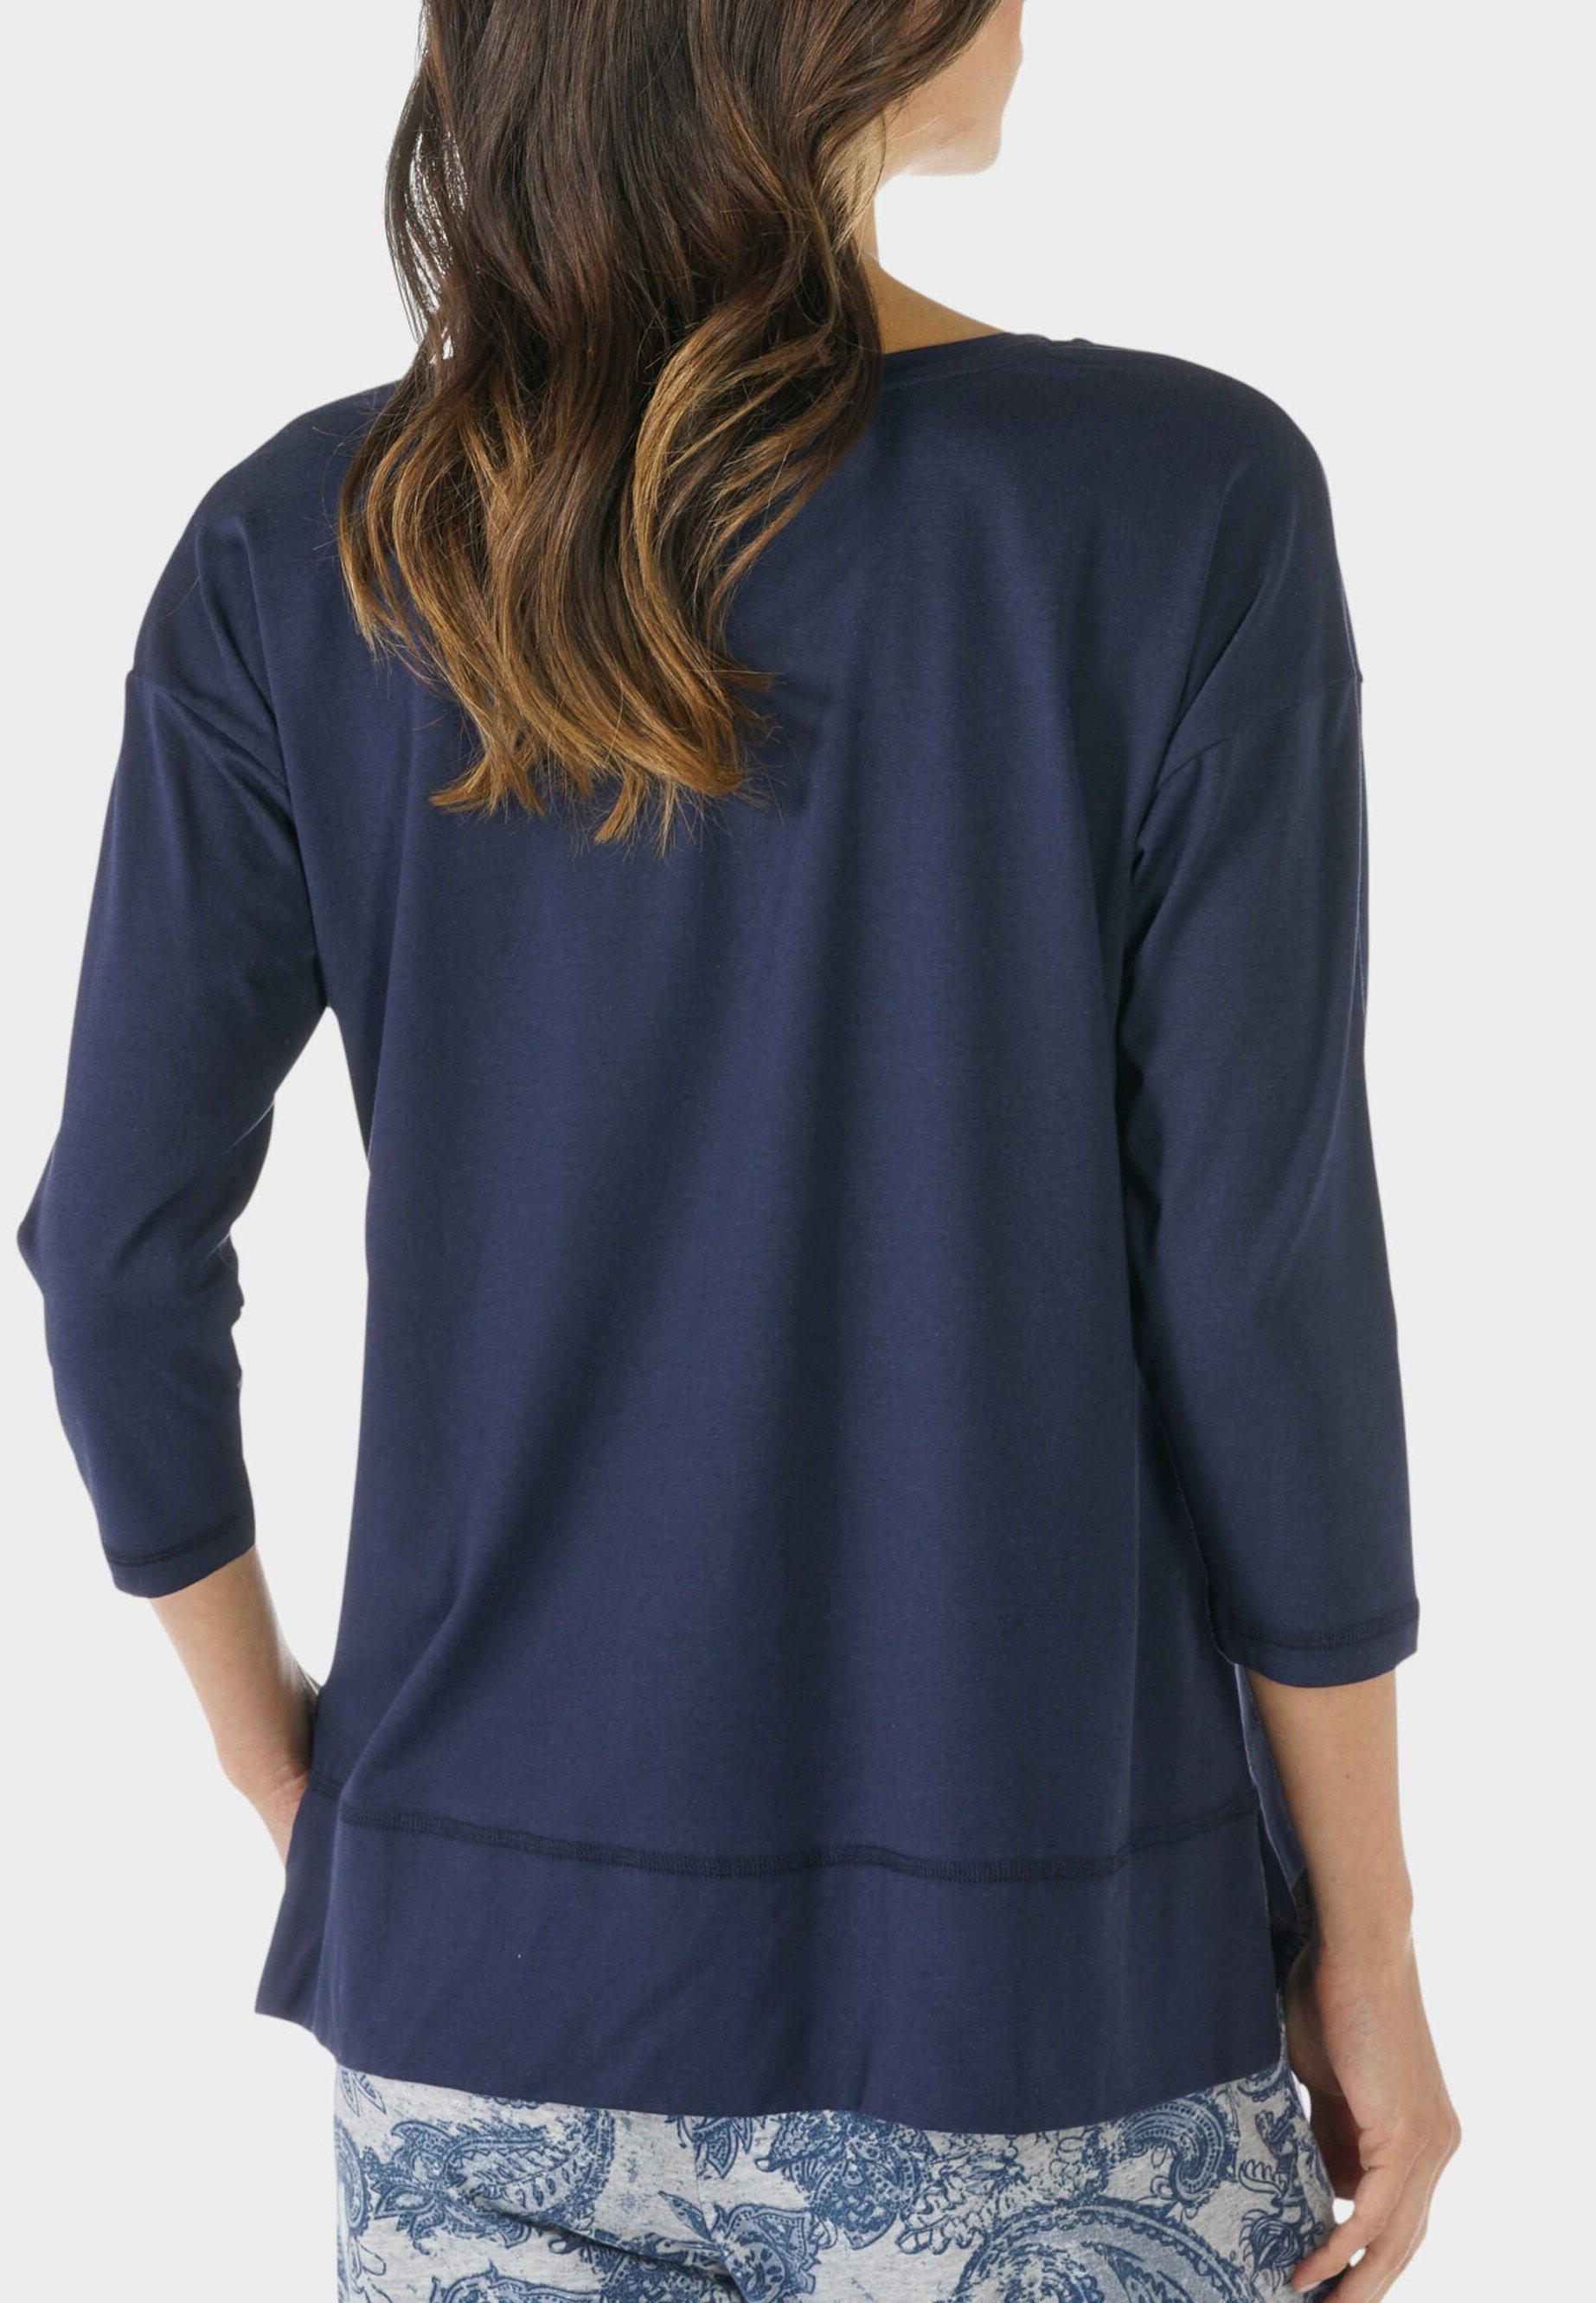 Damen HOMEWEAR SHIRT SERIE NIGHT2DAY - Nachtwäsche Shirt